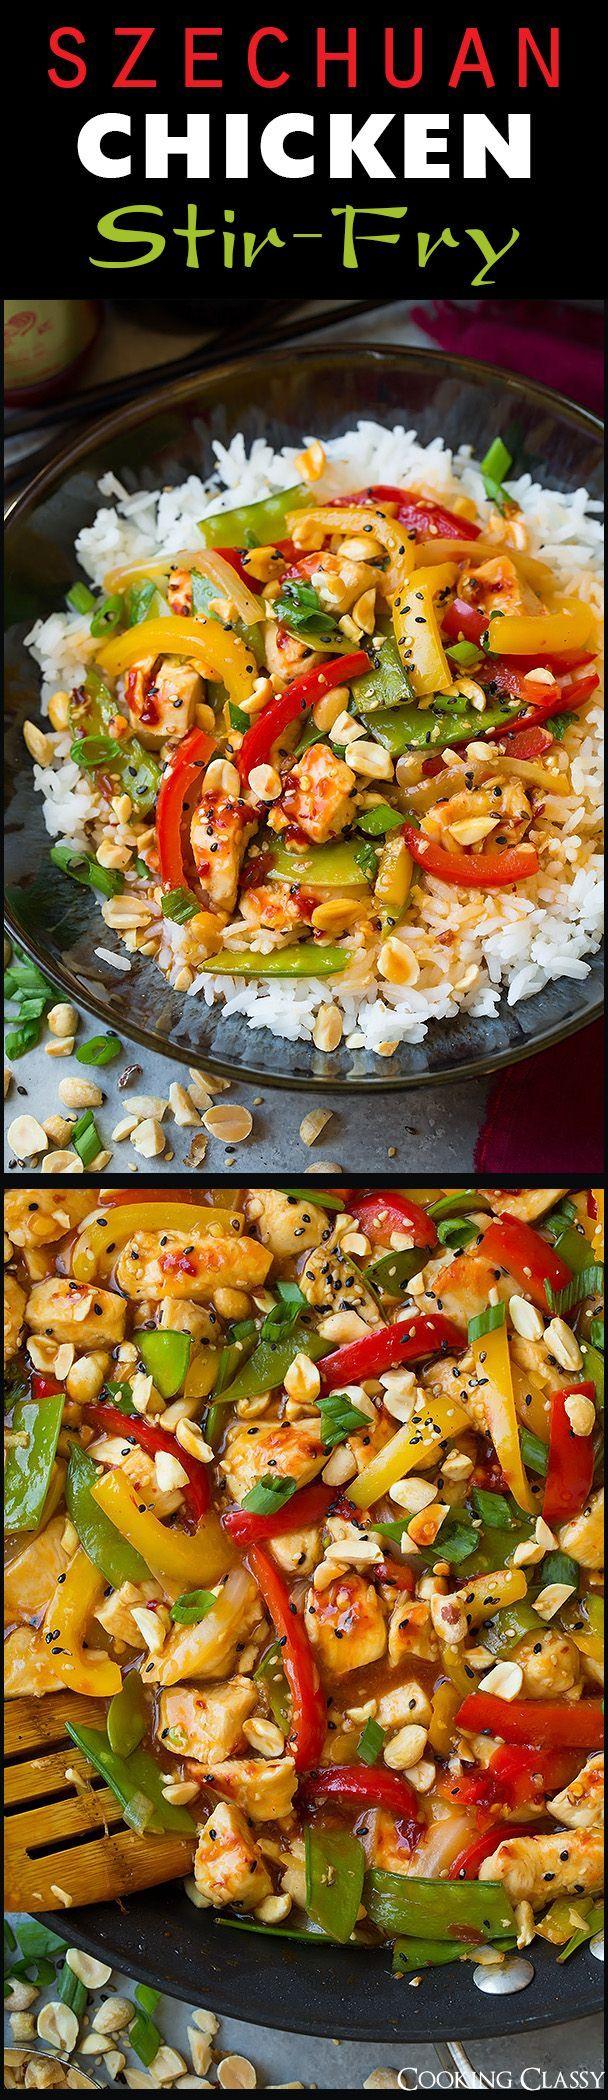 Szechuan Chicken Stir-Fry - Cooking Classy